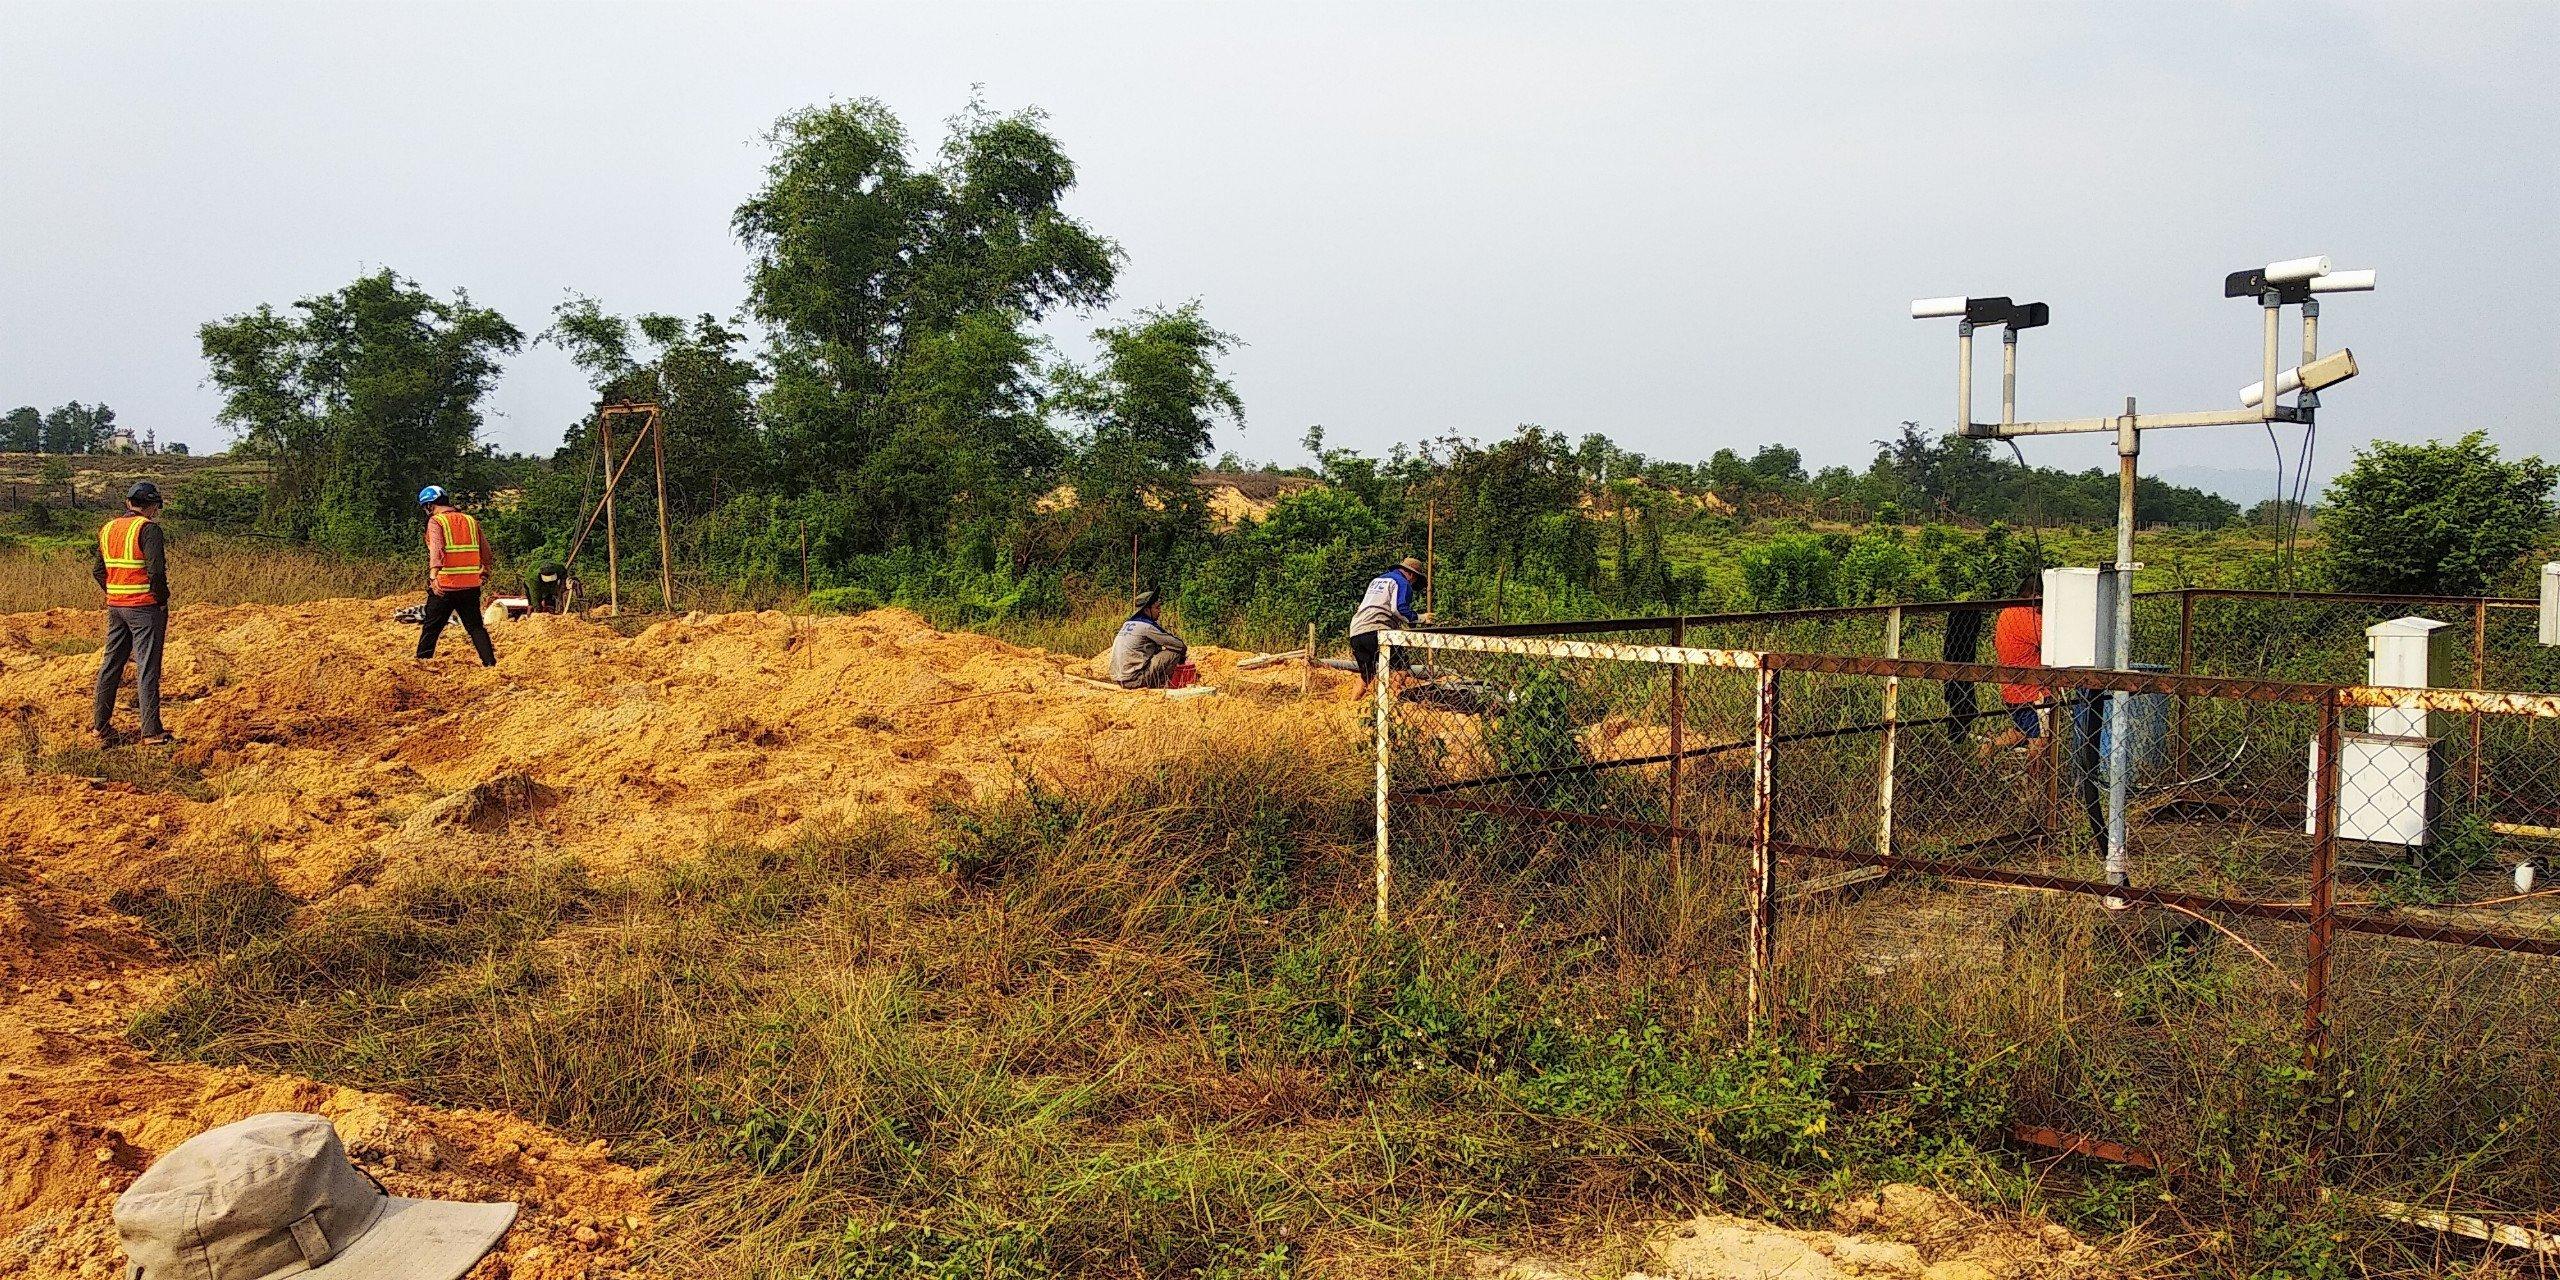 Hoàn thành dự án Cải tạo, bổ sung hệ thống tiếp đất, chống sét cho các Trạm AWOS tại các sân bay khu vực miền Trung